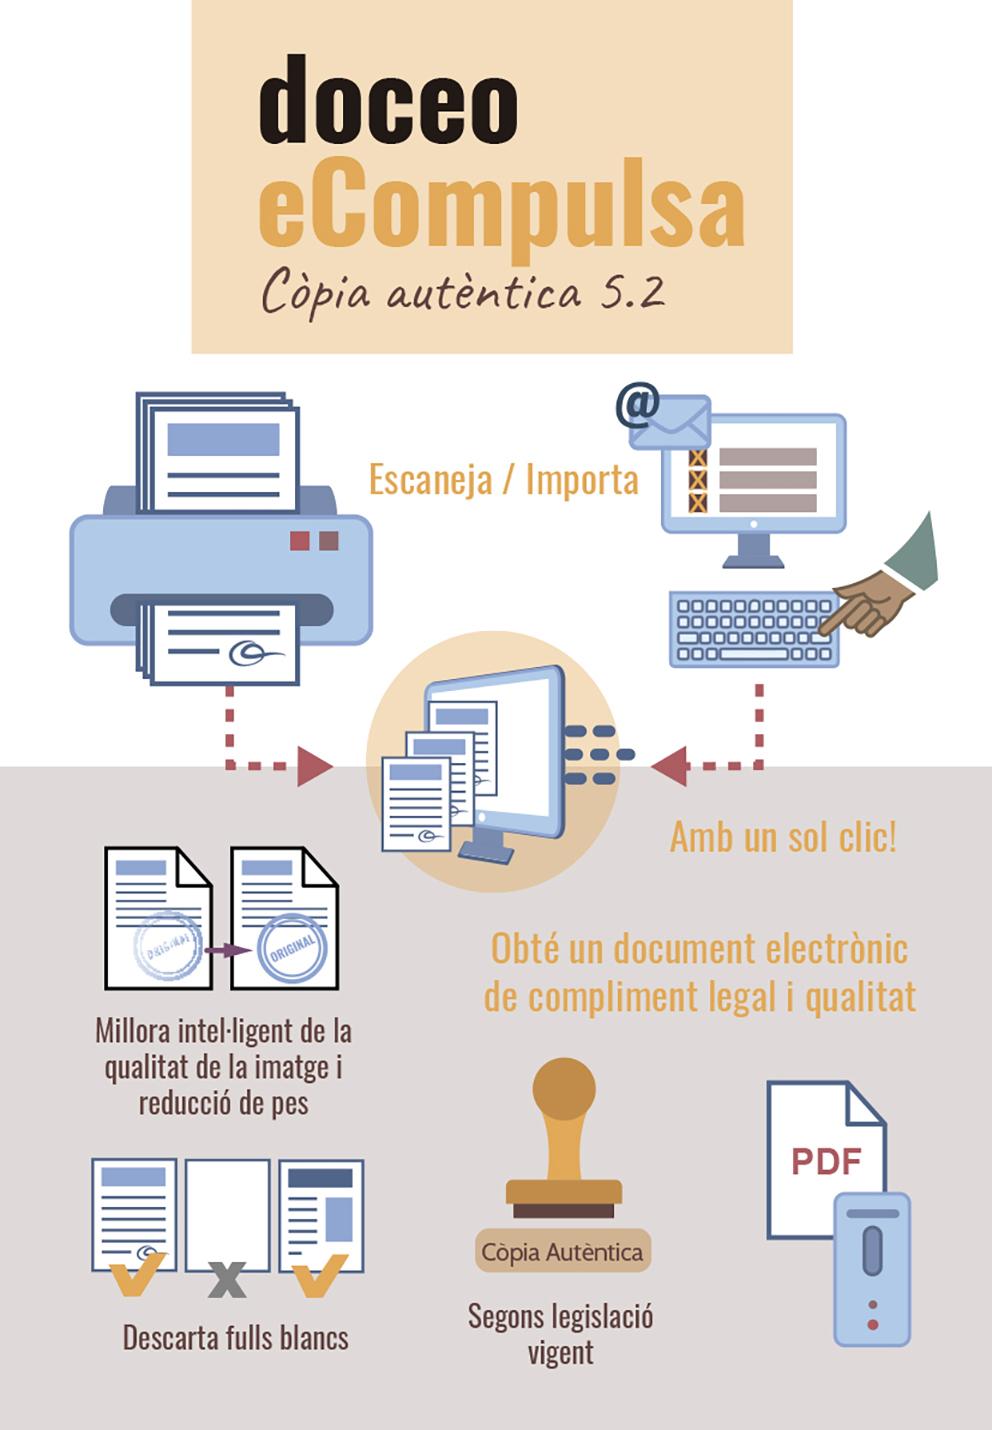 Digitalització de documents, signatura digital i de temps, reducció de pes, millora de la qualitat